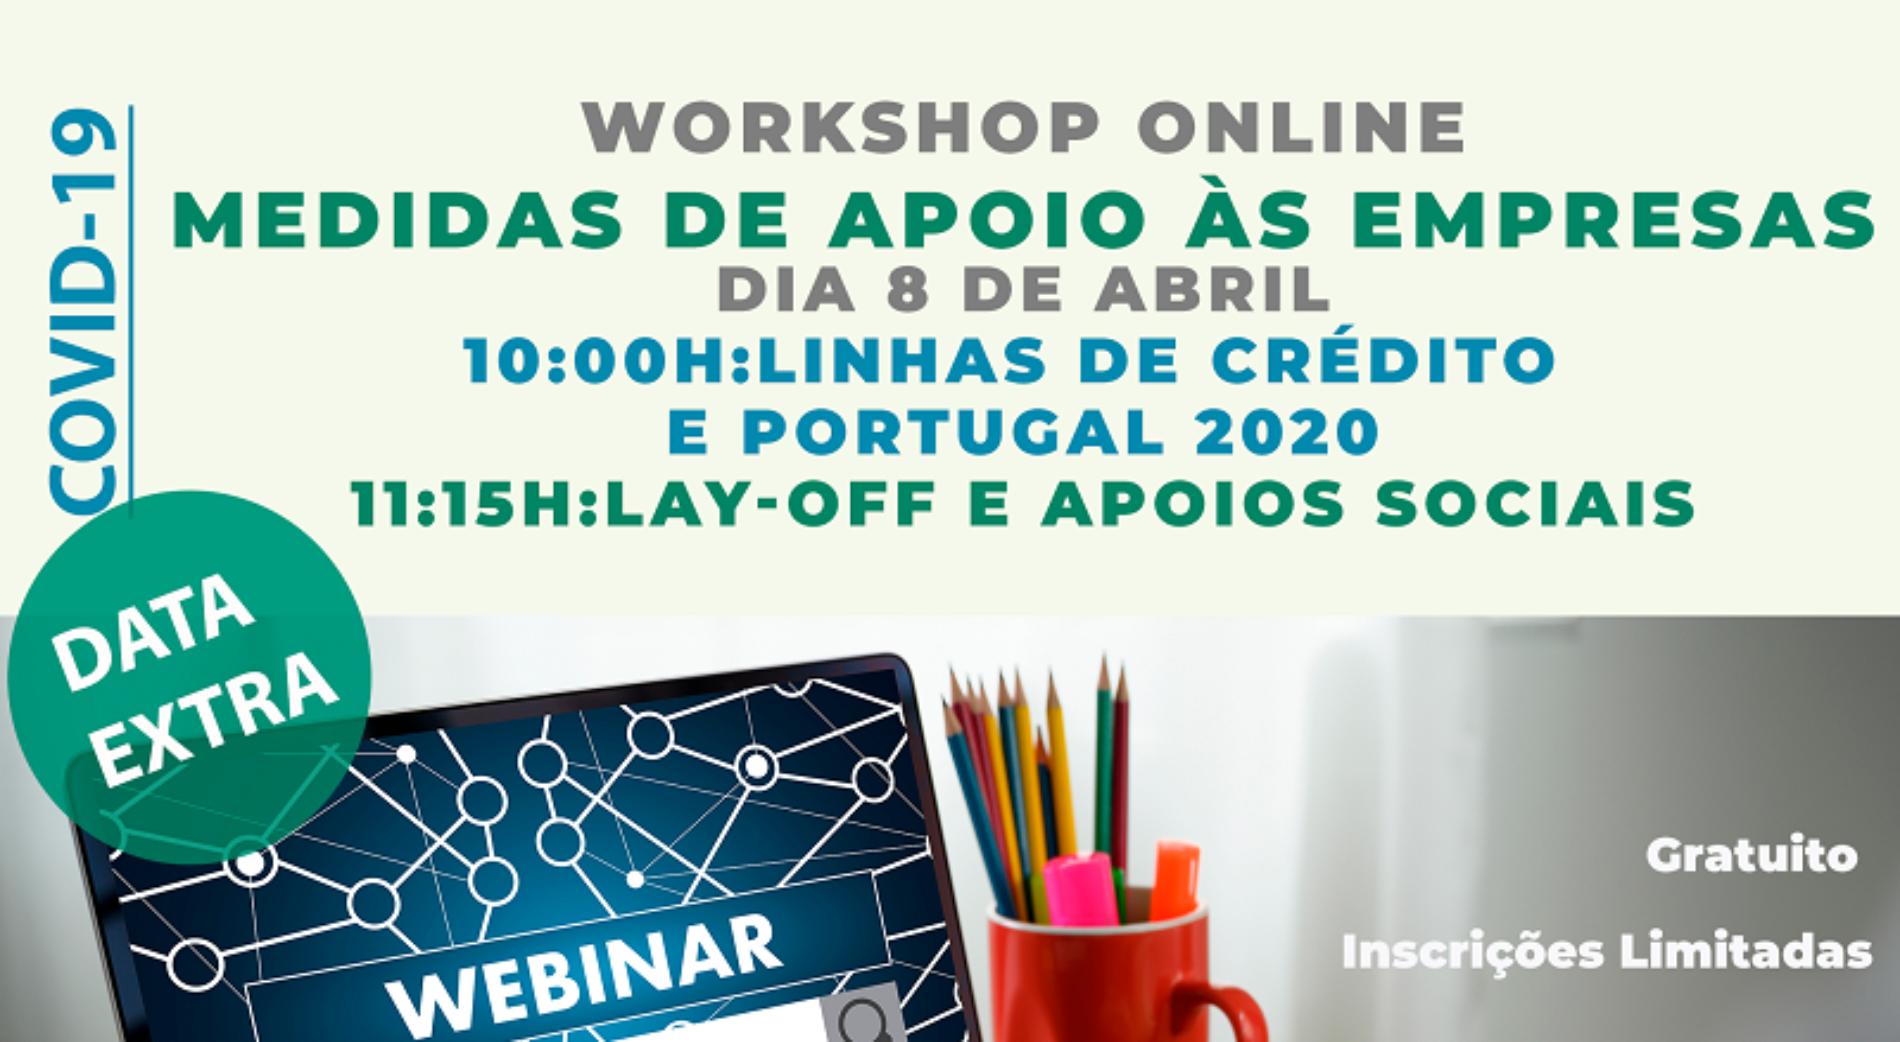 Covid-19: Região de Coimbra promove workshop online sobre as medidas de apoio às empresas